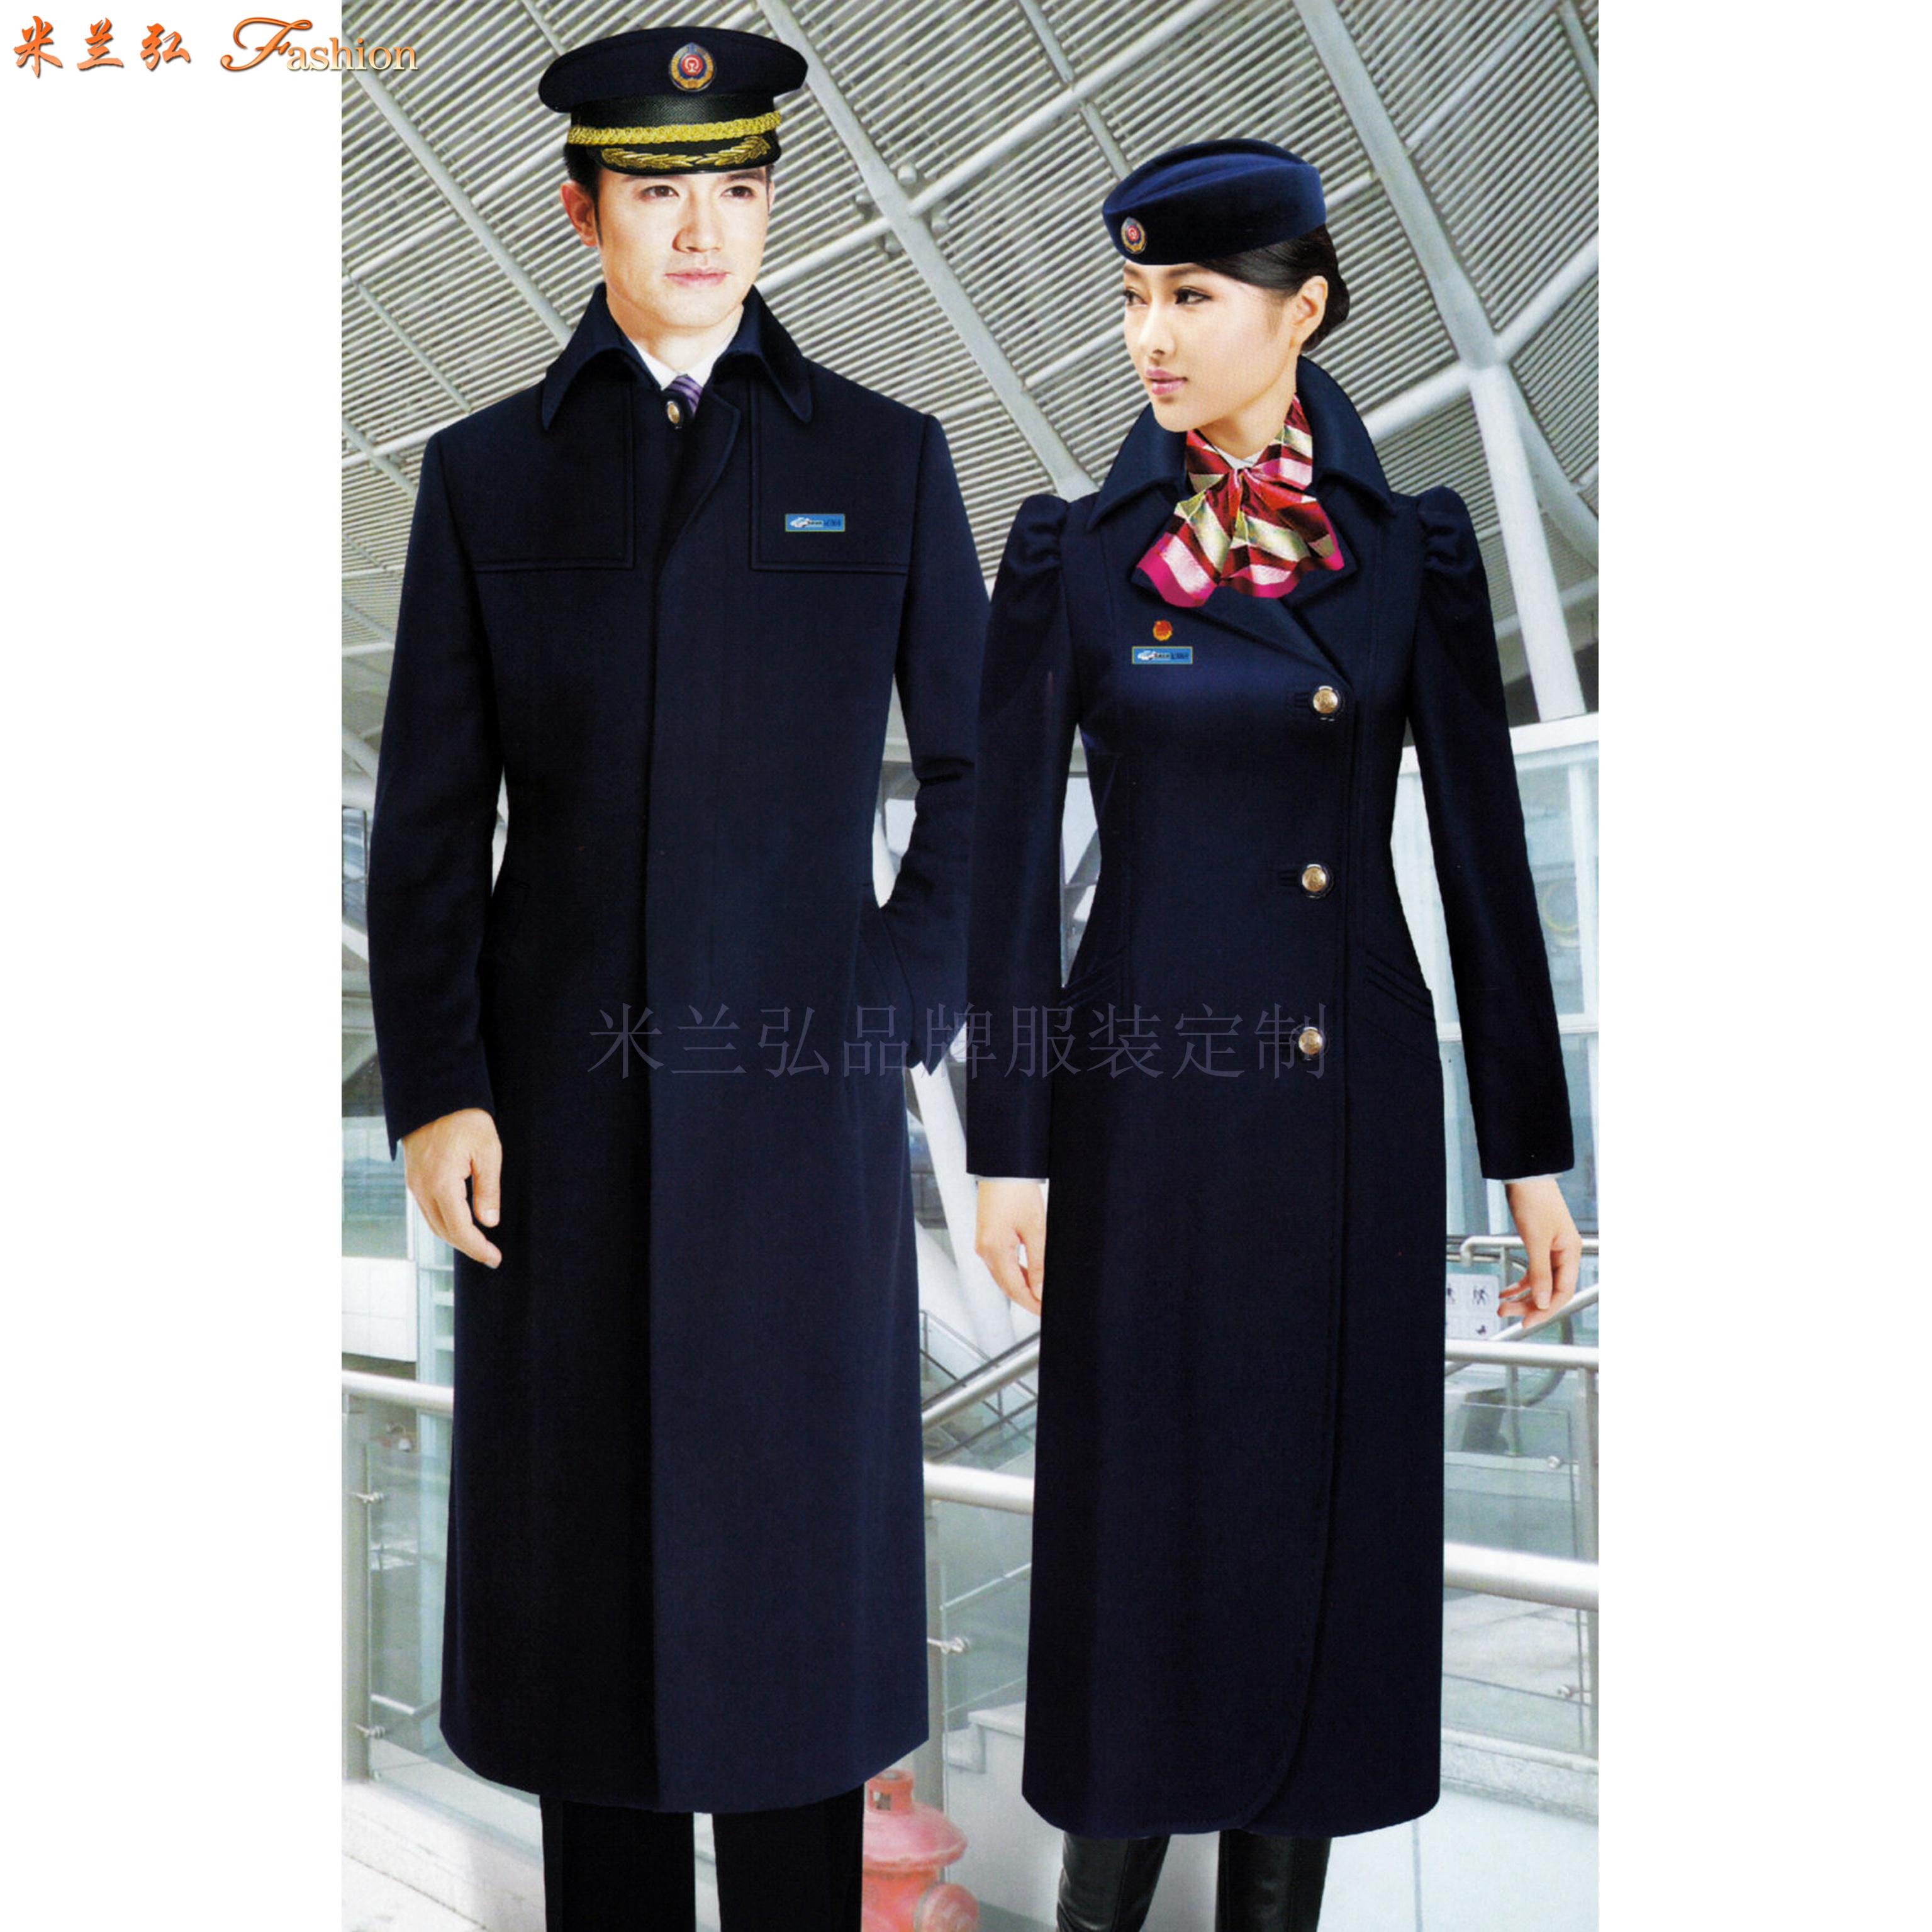 「航空高鐵大衣」采購批發市場優質高鐵大衣價格品牌廠商_米蘭弘-4